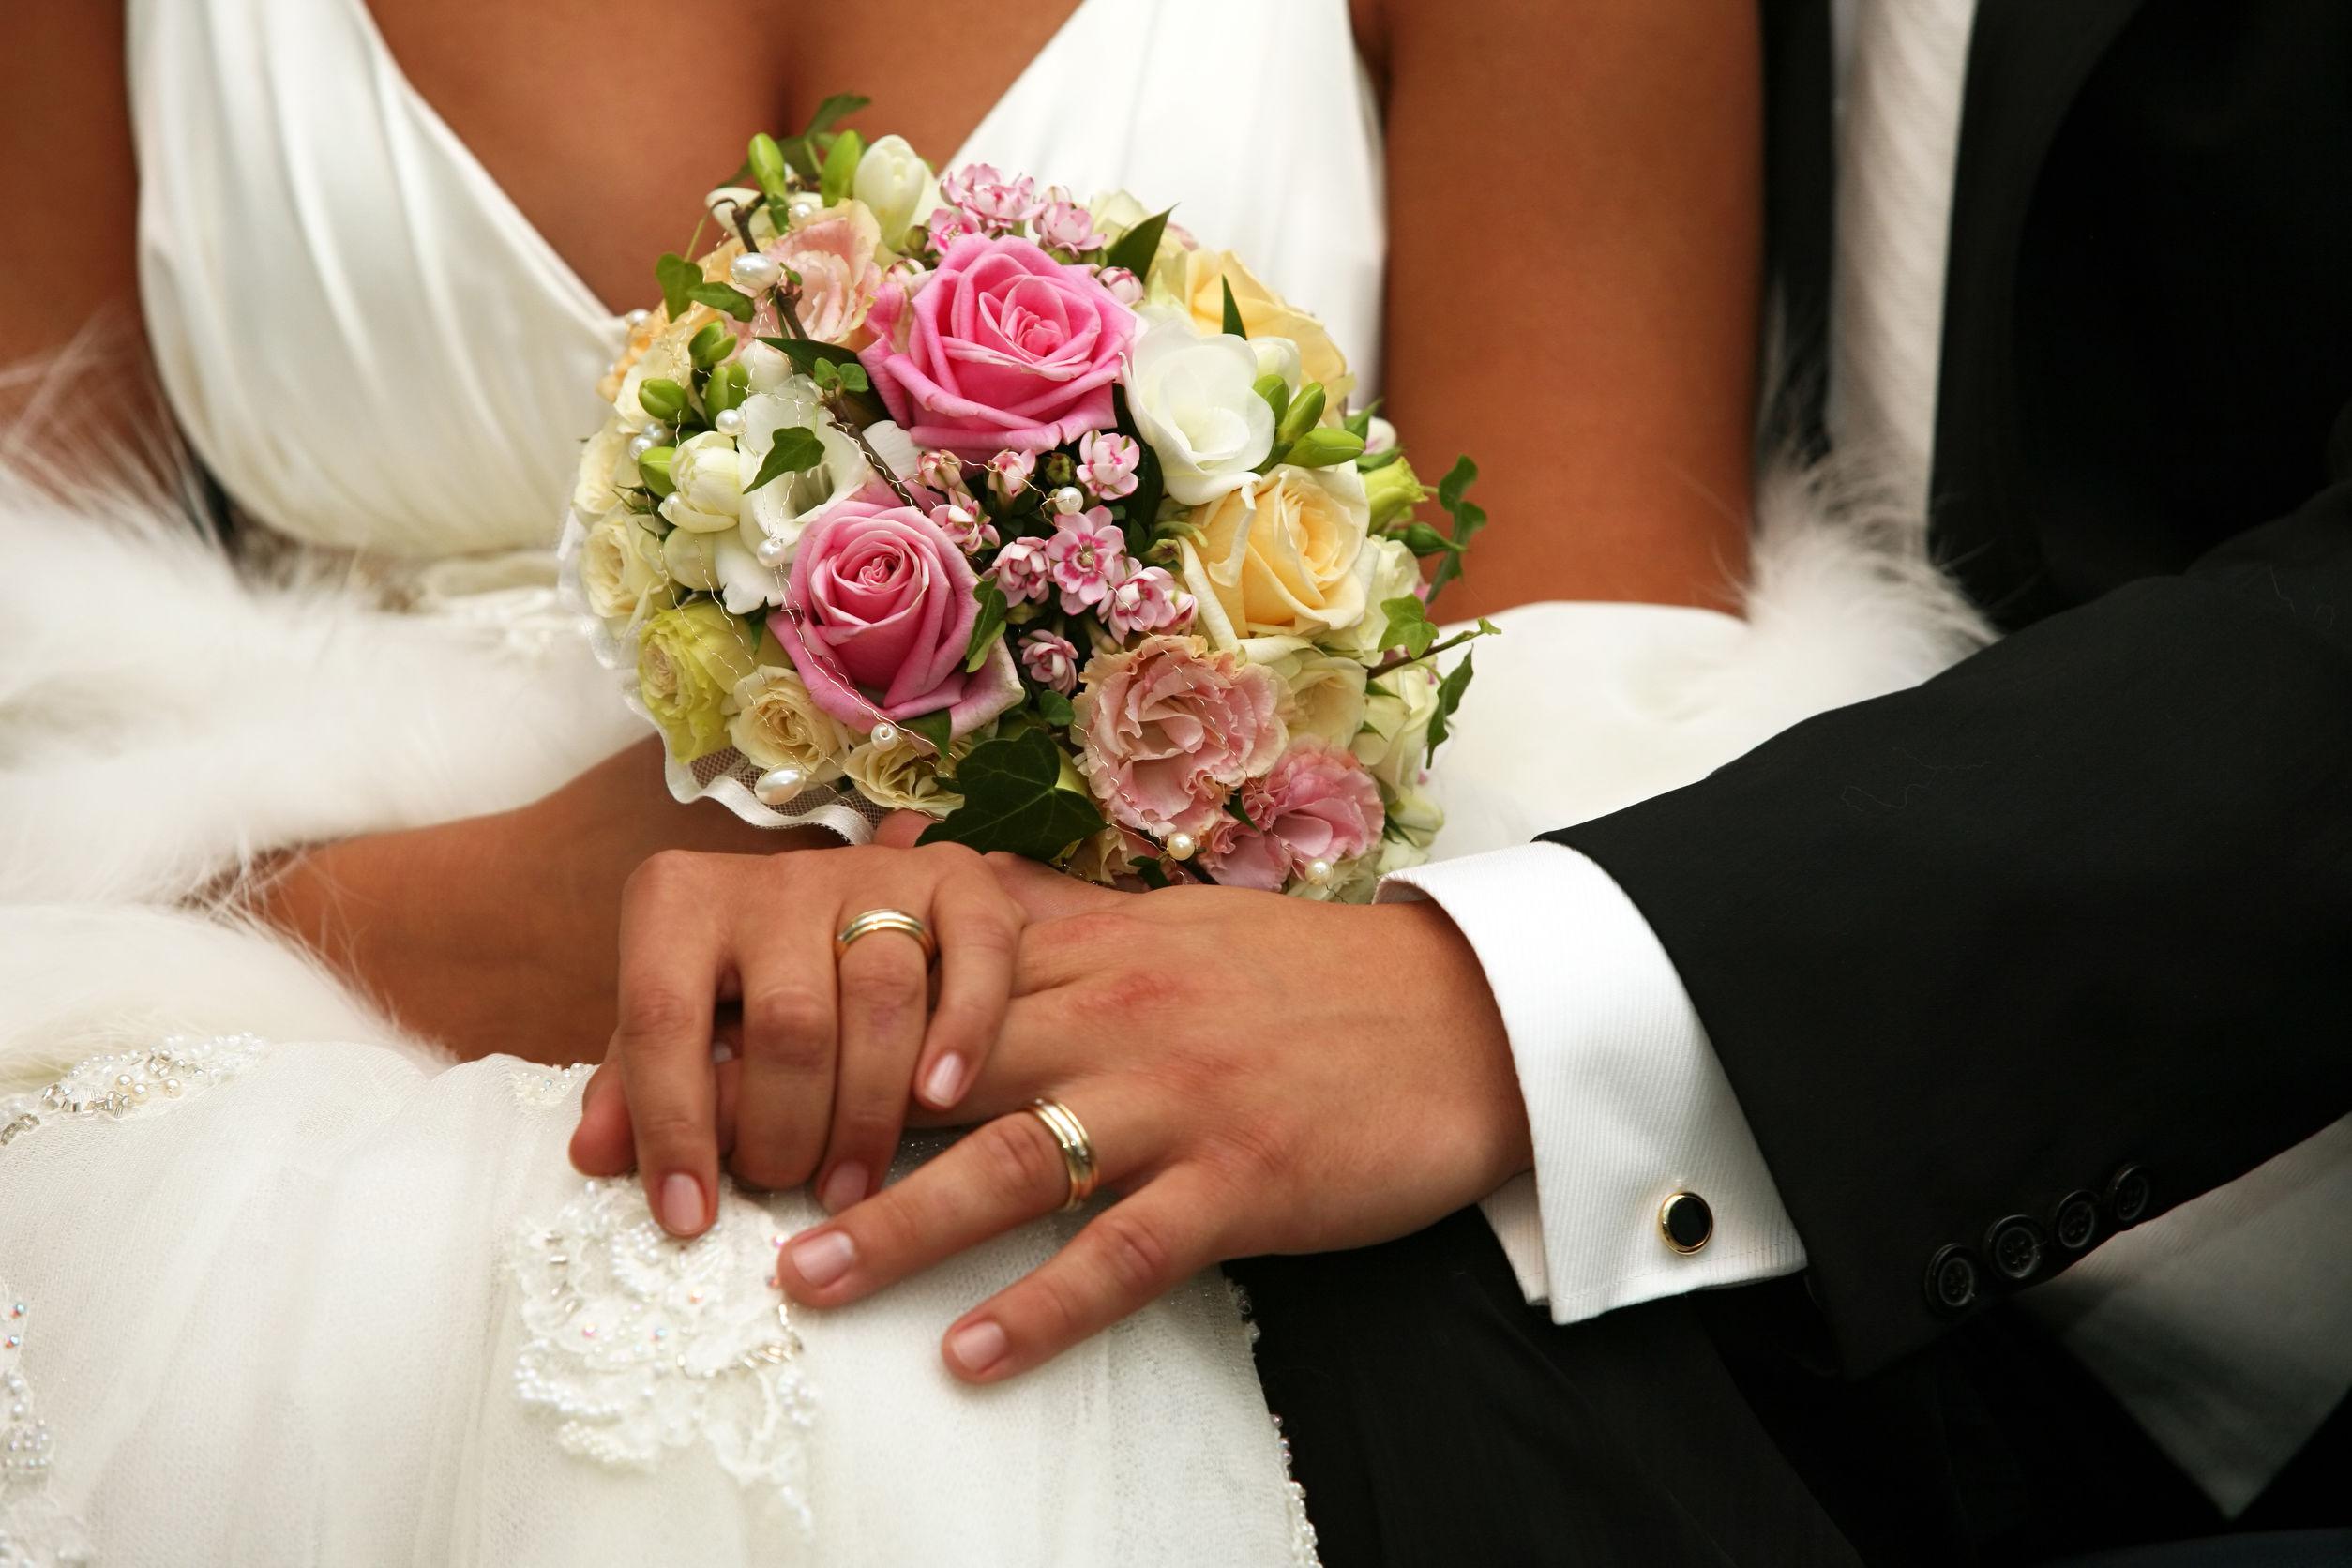 Tudod, hogy miért a gyűrűsujjunkon viseljük a jegygyűrűt? Sose gondoltad volna, hogy ez az oka, de mi most eláruljuk!